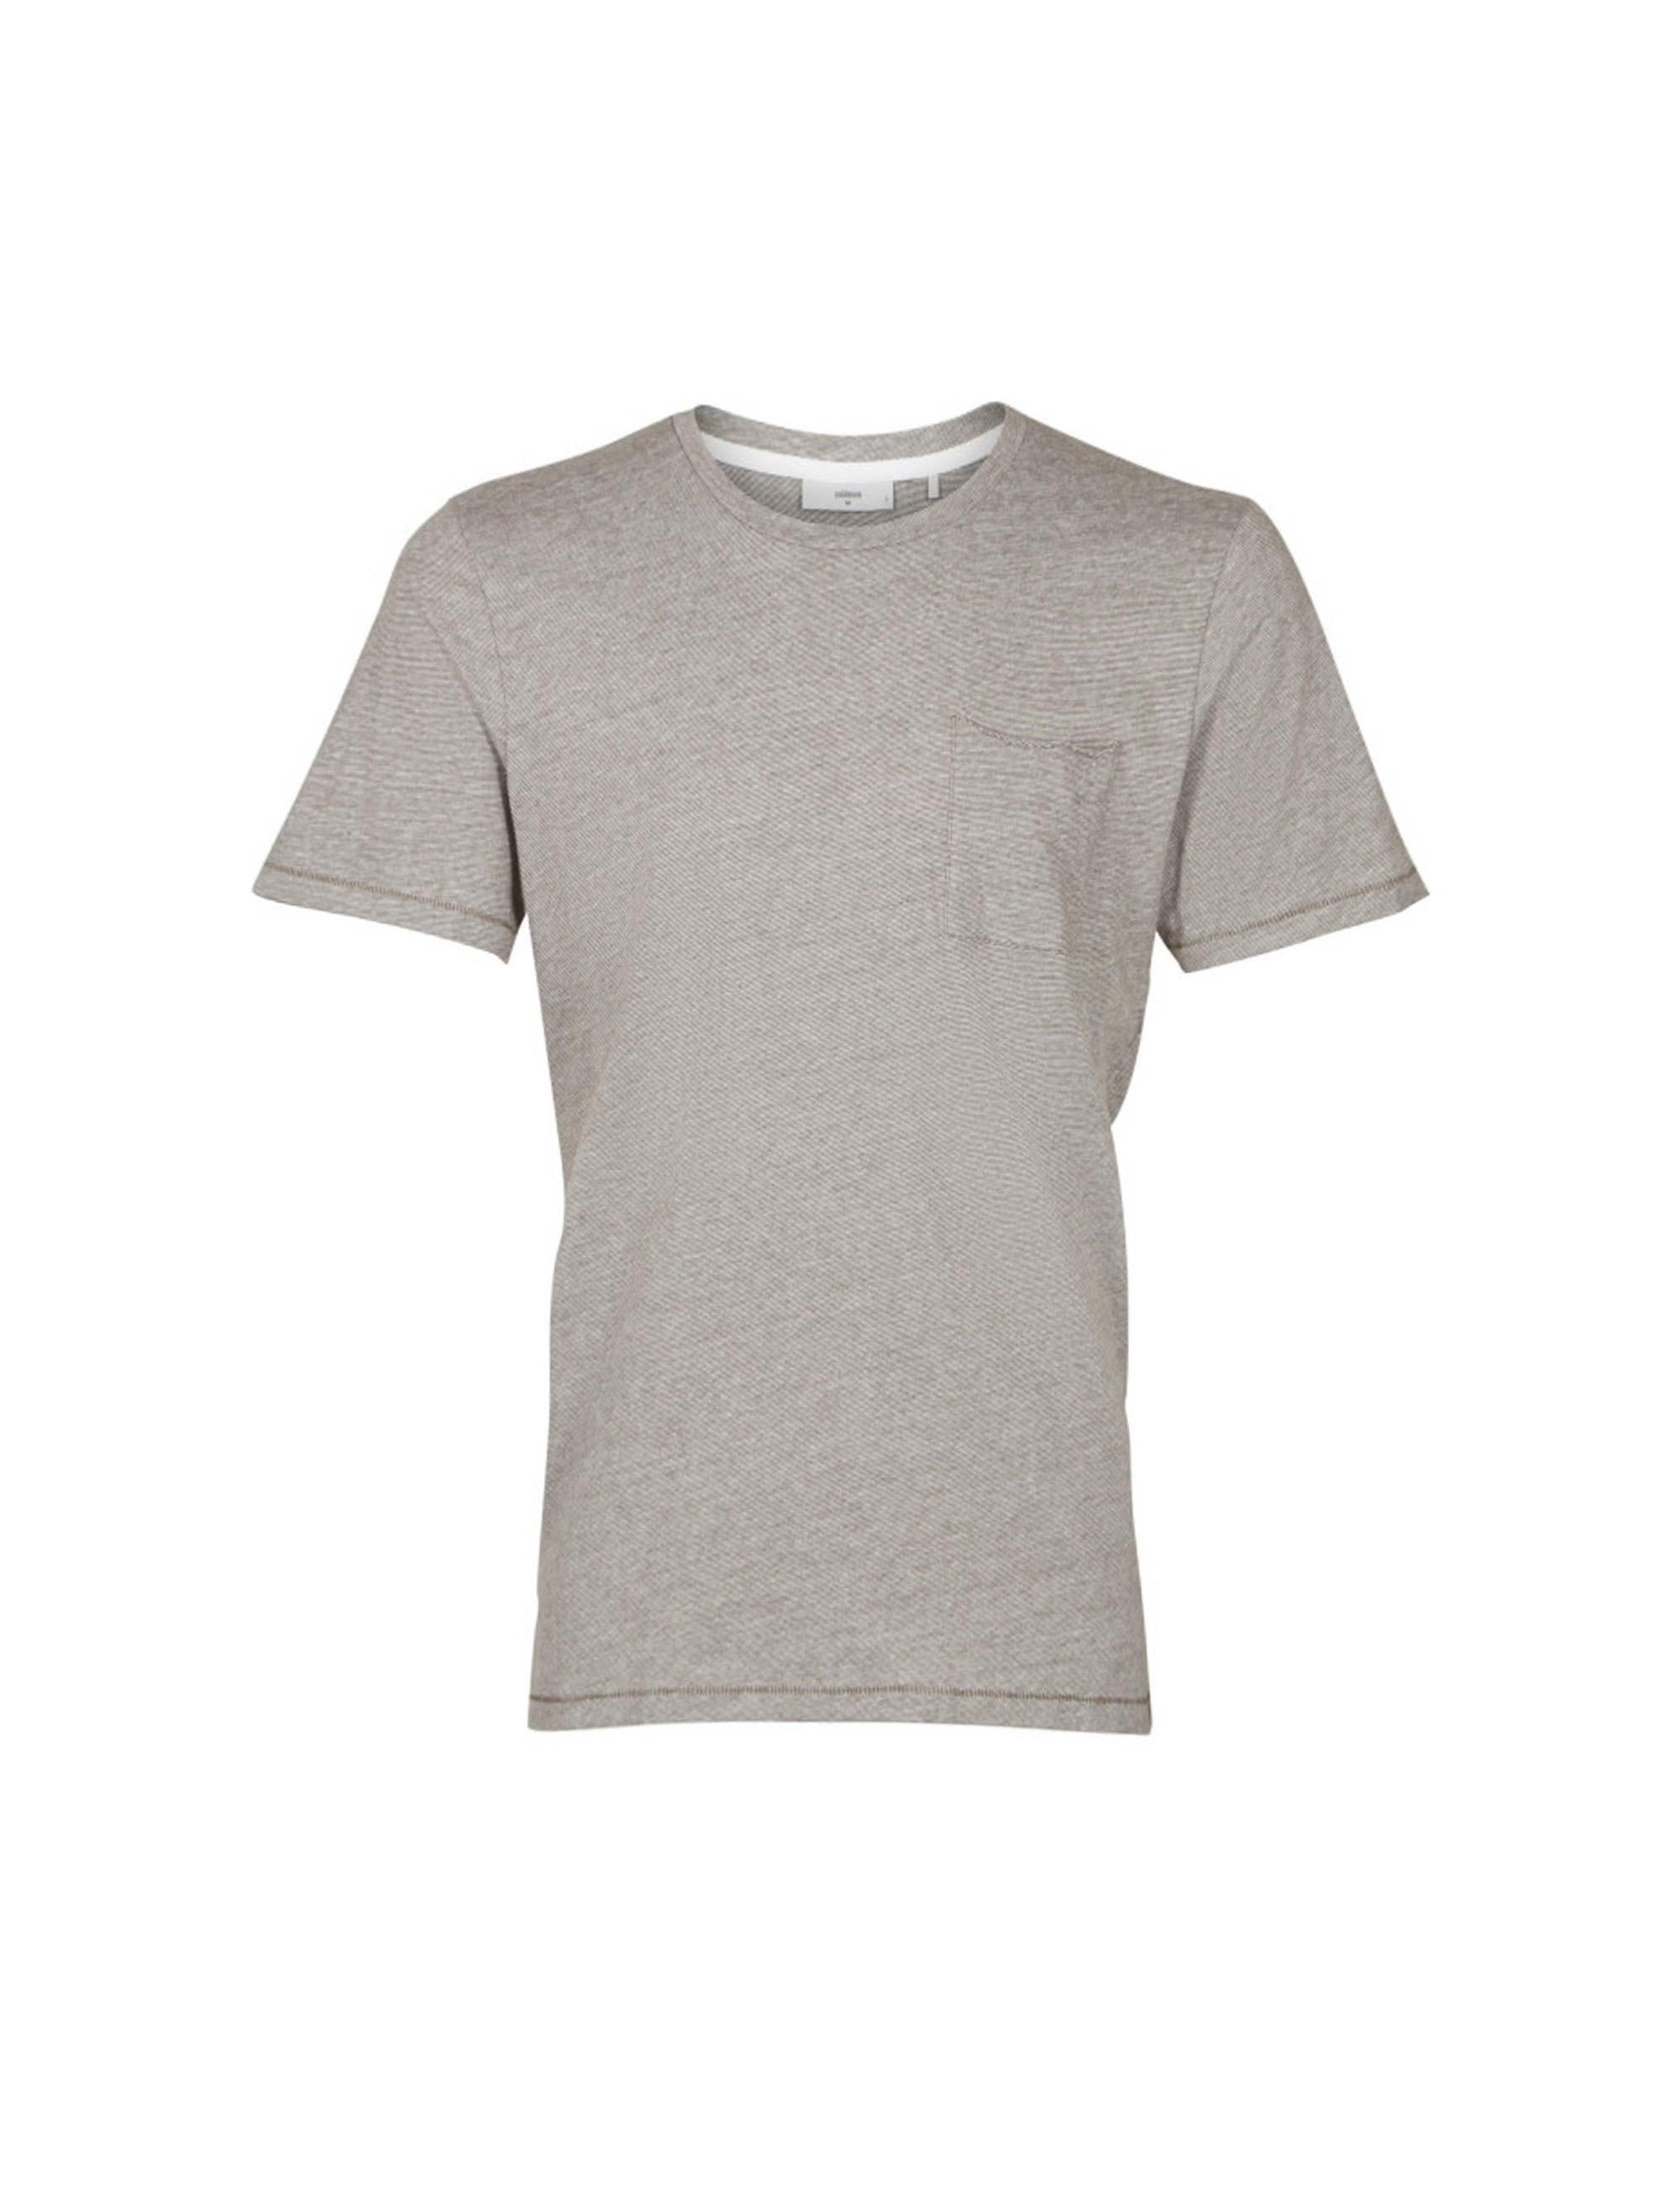 تی شرت نخی یقه گرد مردانه Nowa - مینیموم